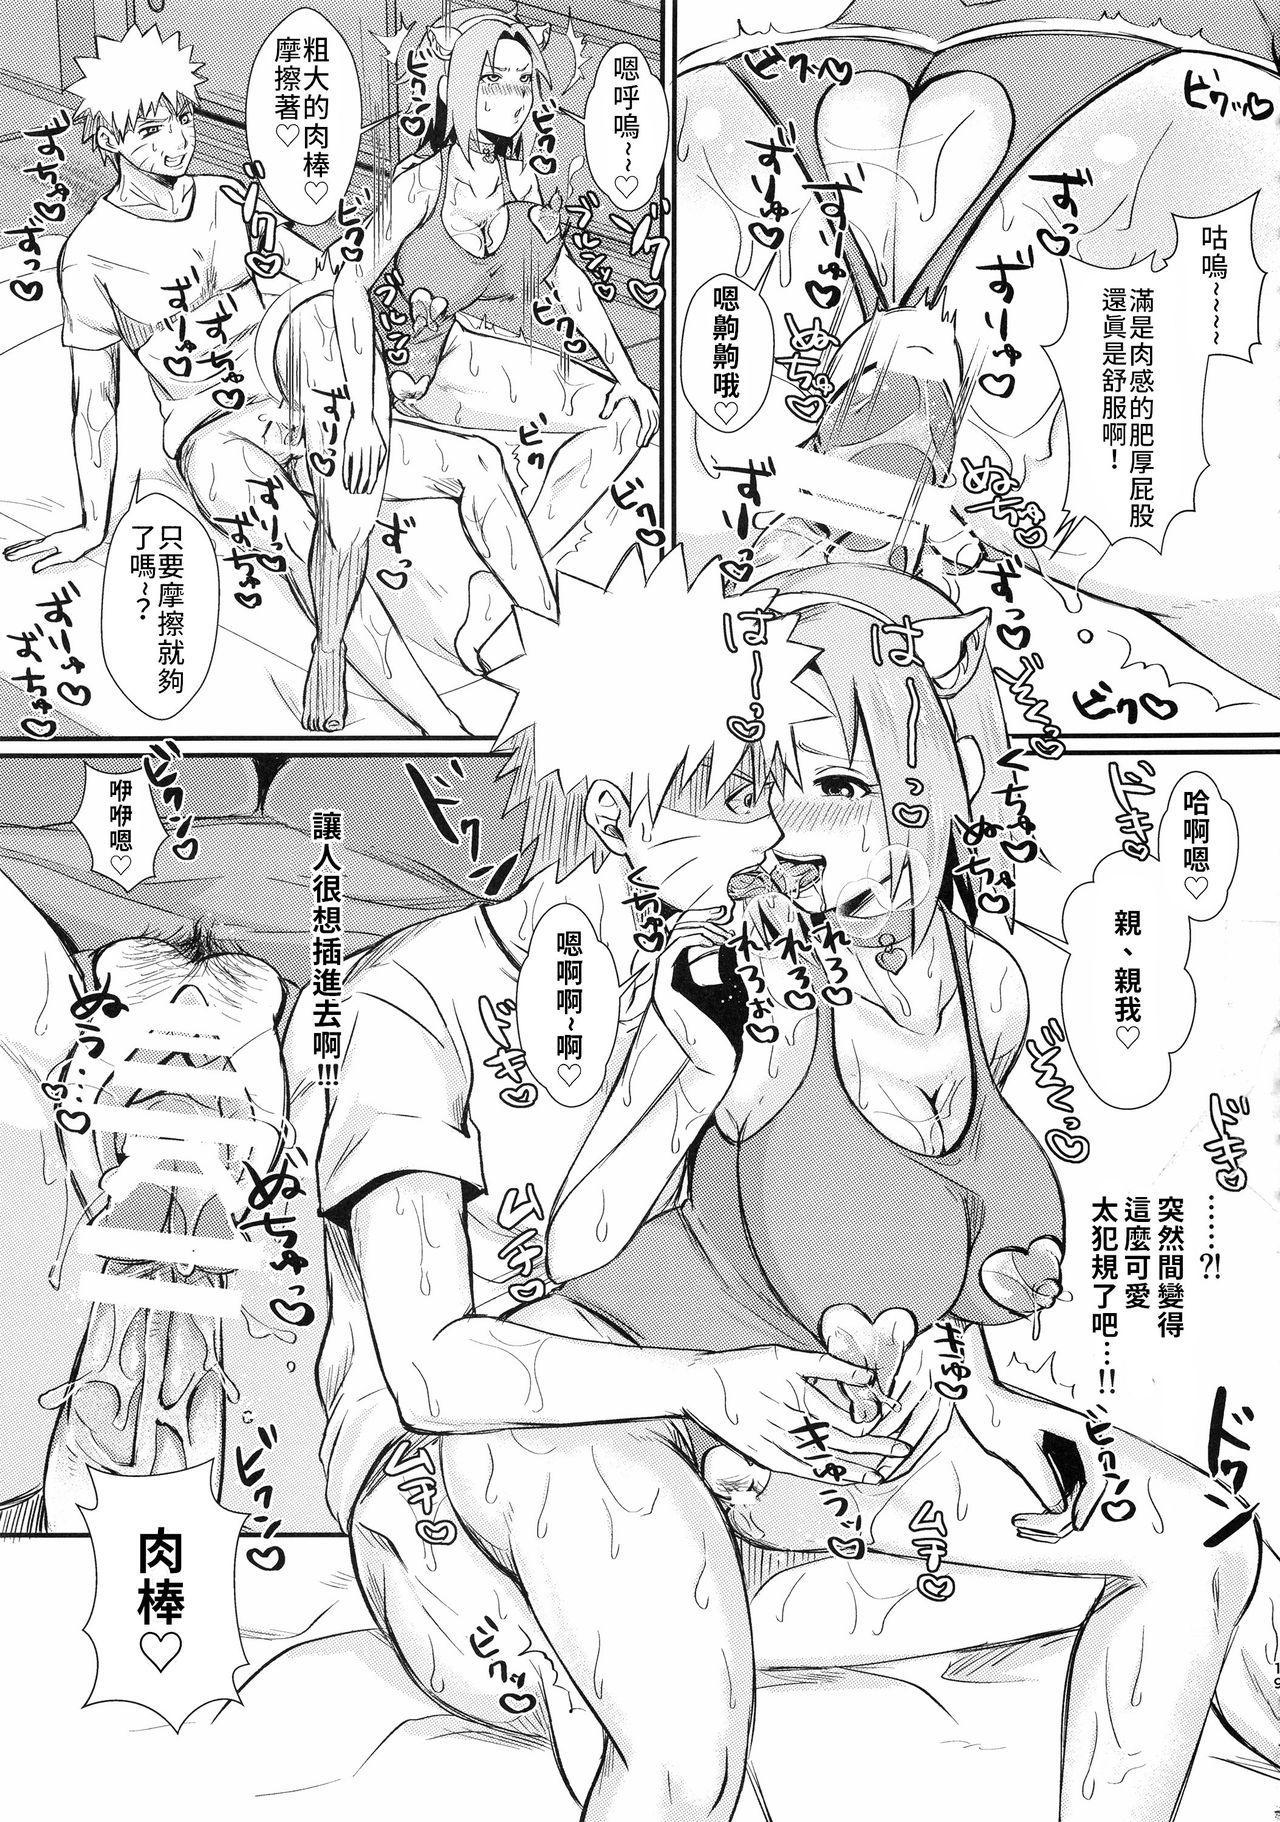 Uzumaki-san ni Omotenashi   給漩渦先生獻上服務吧♥ 18